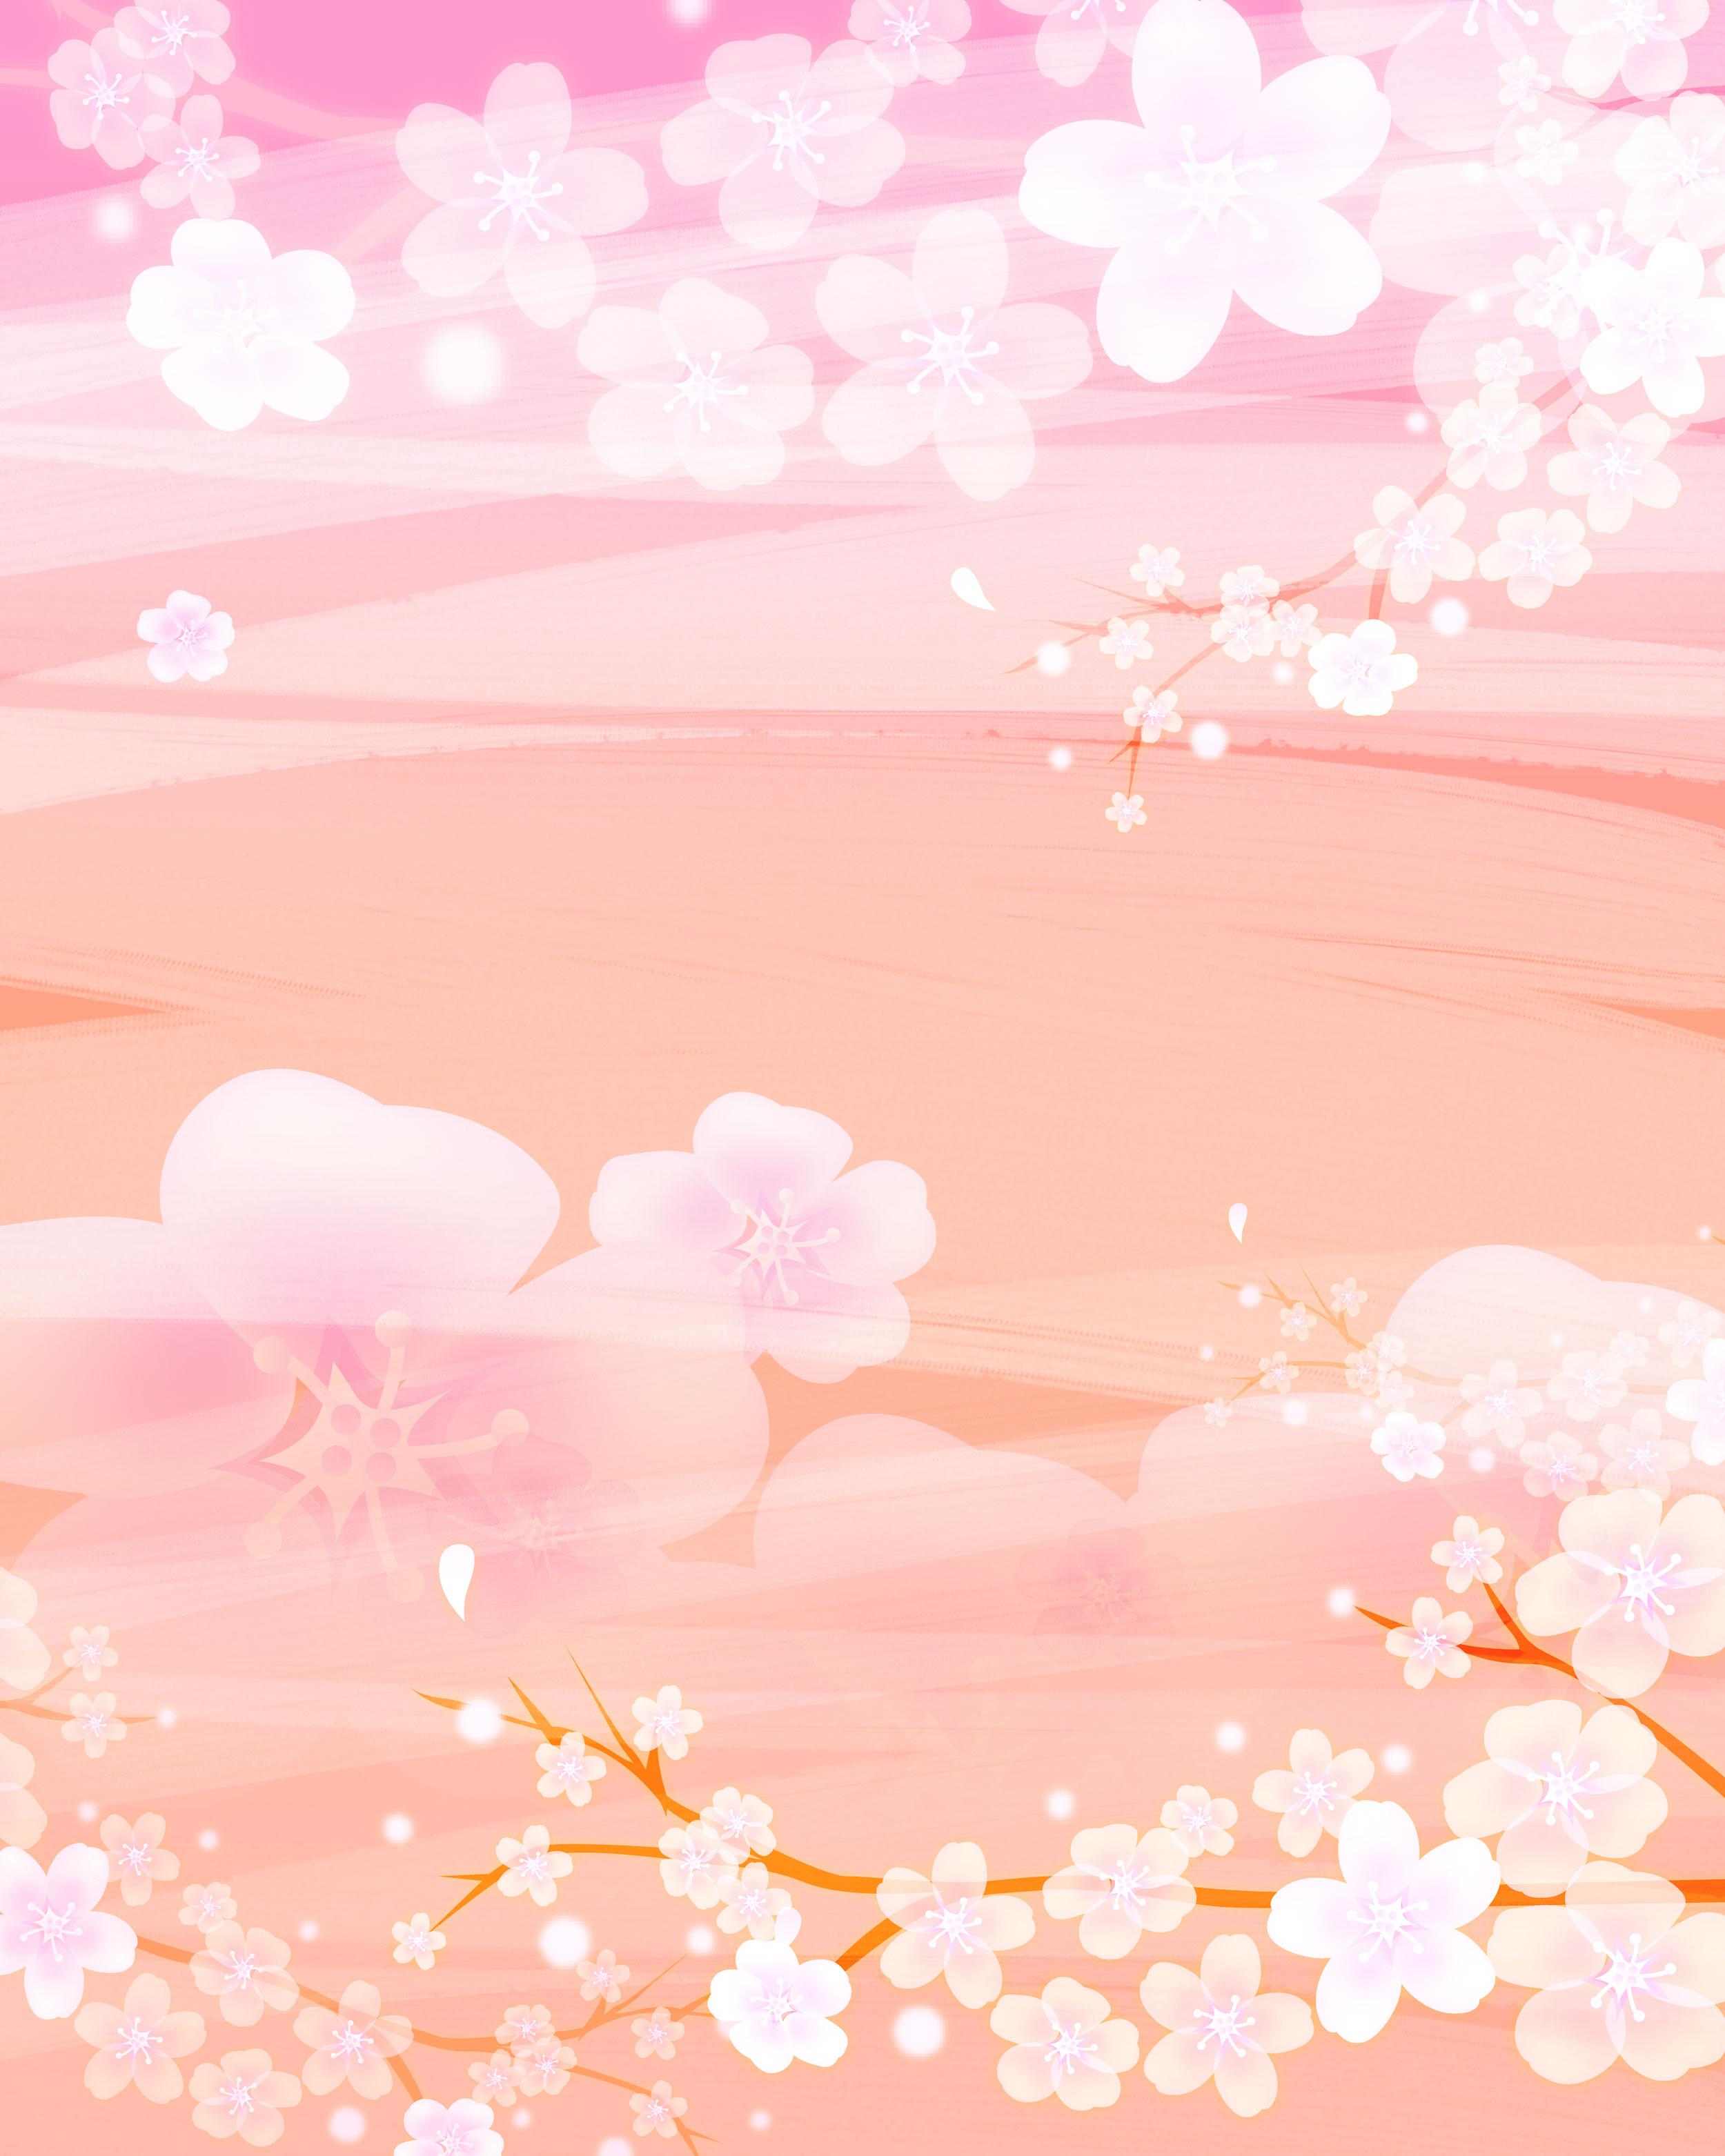 桜 さくら の画像 イラスト フリー素材 No 051 桜壁紙 ピンク 枝